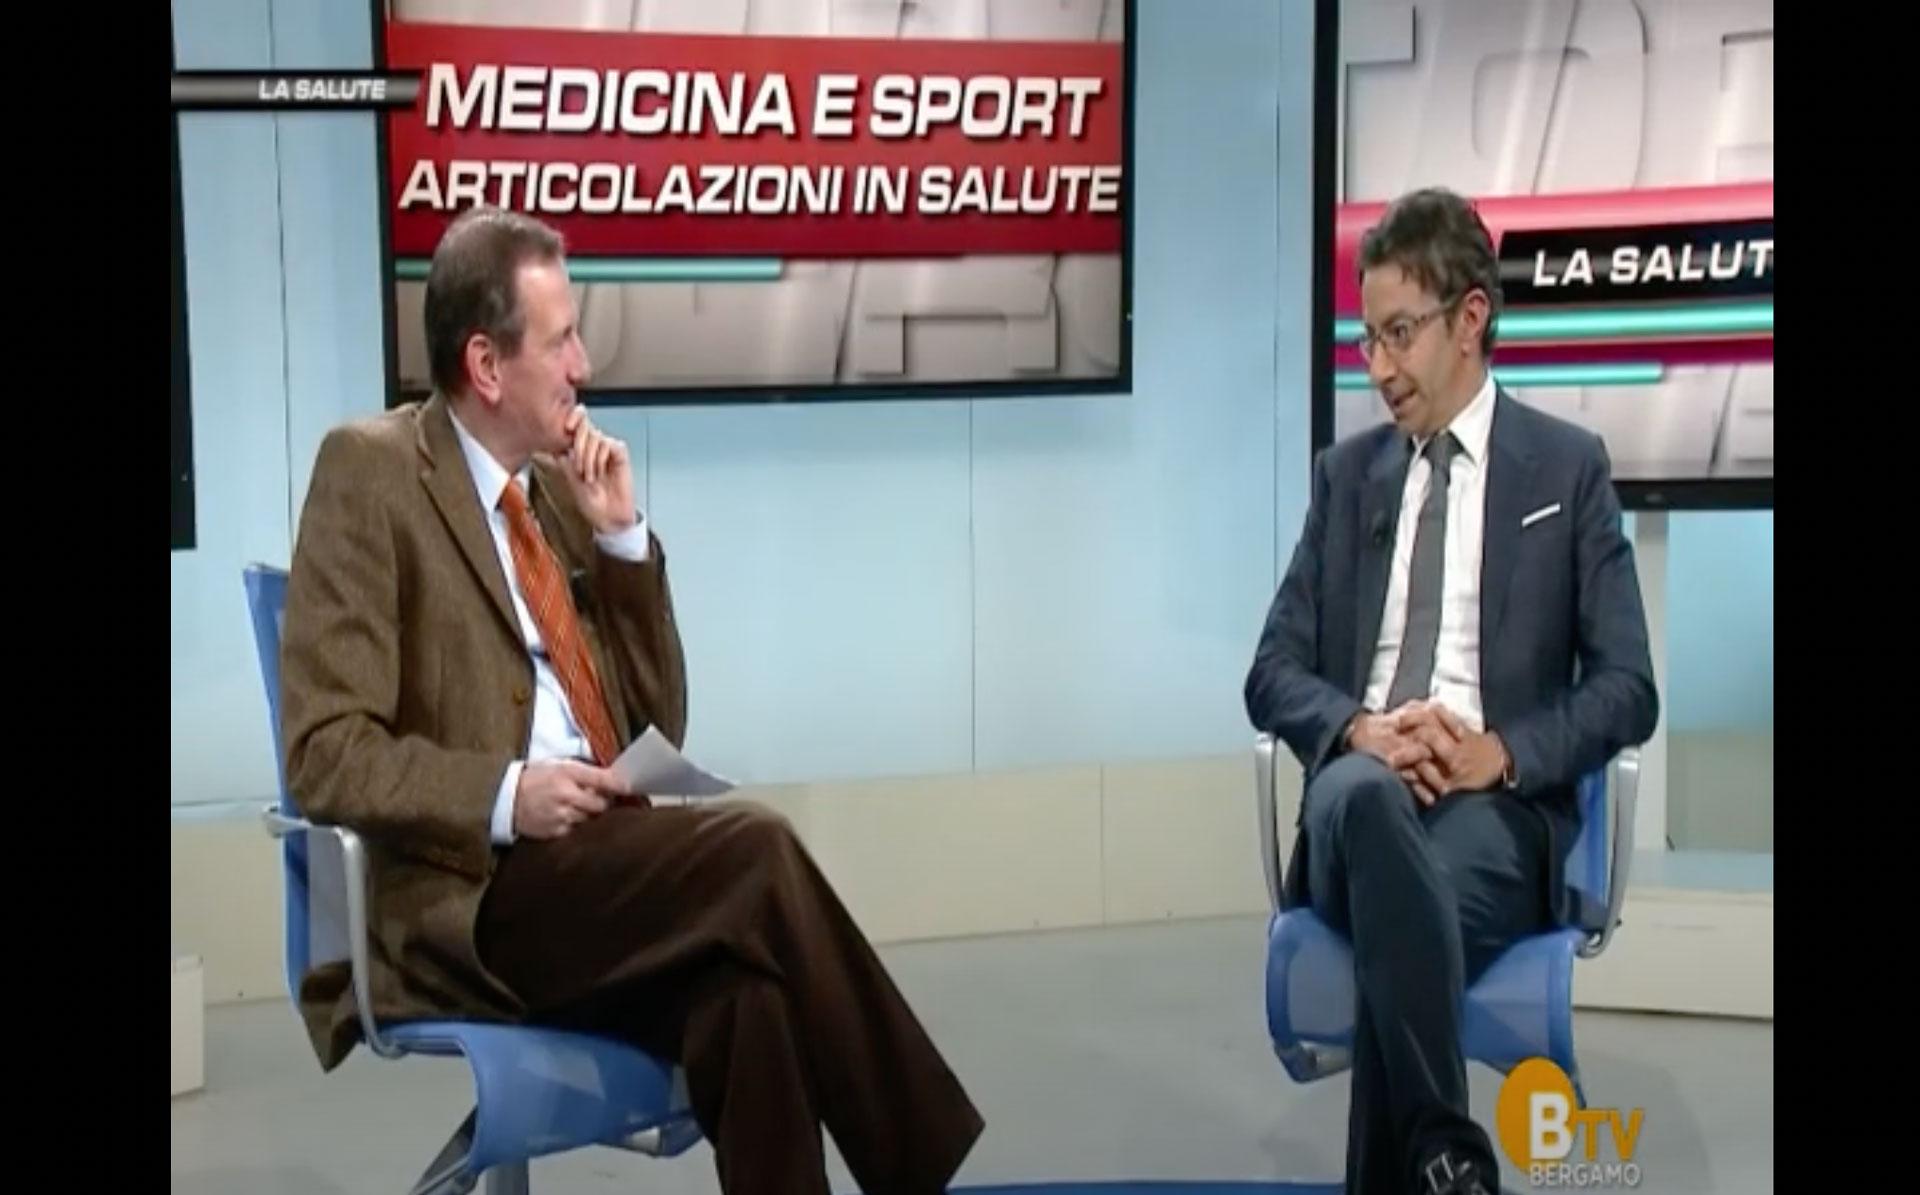 Riabilitazione ortopedica e sportiva